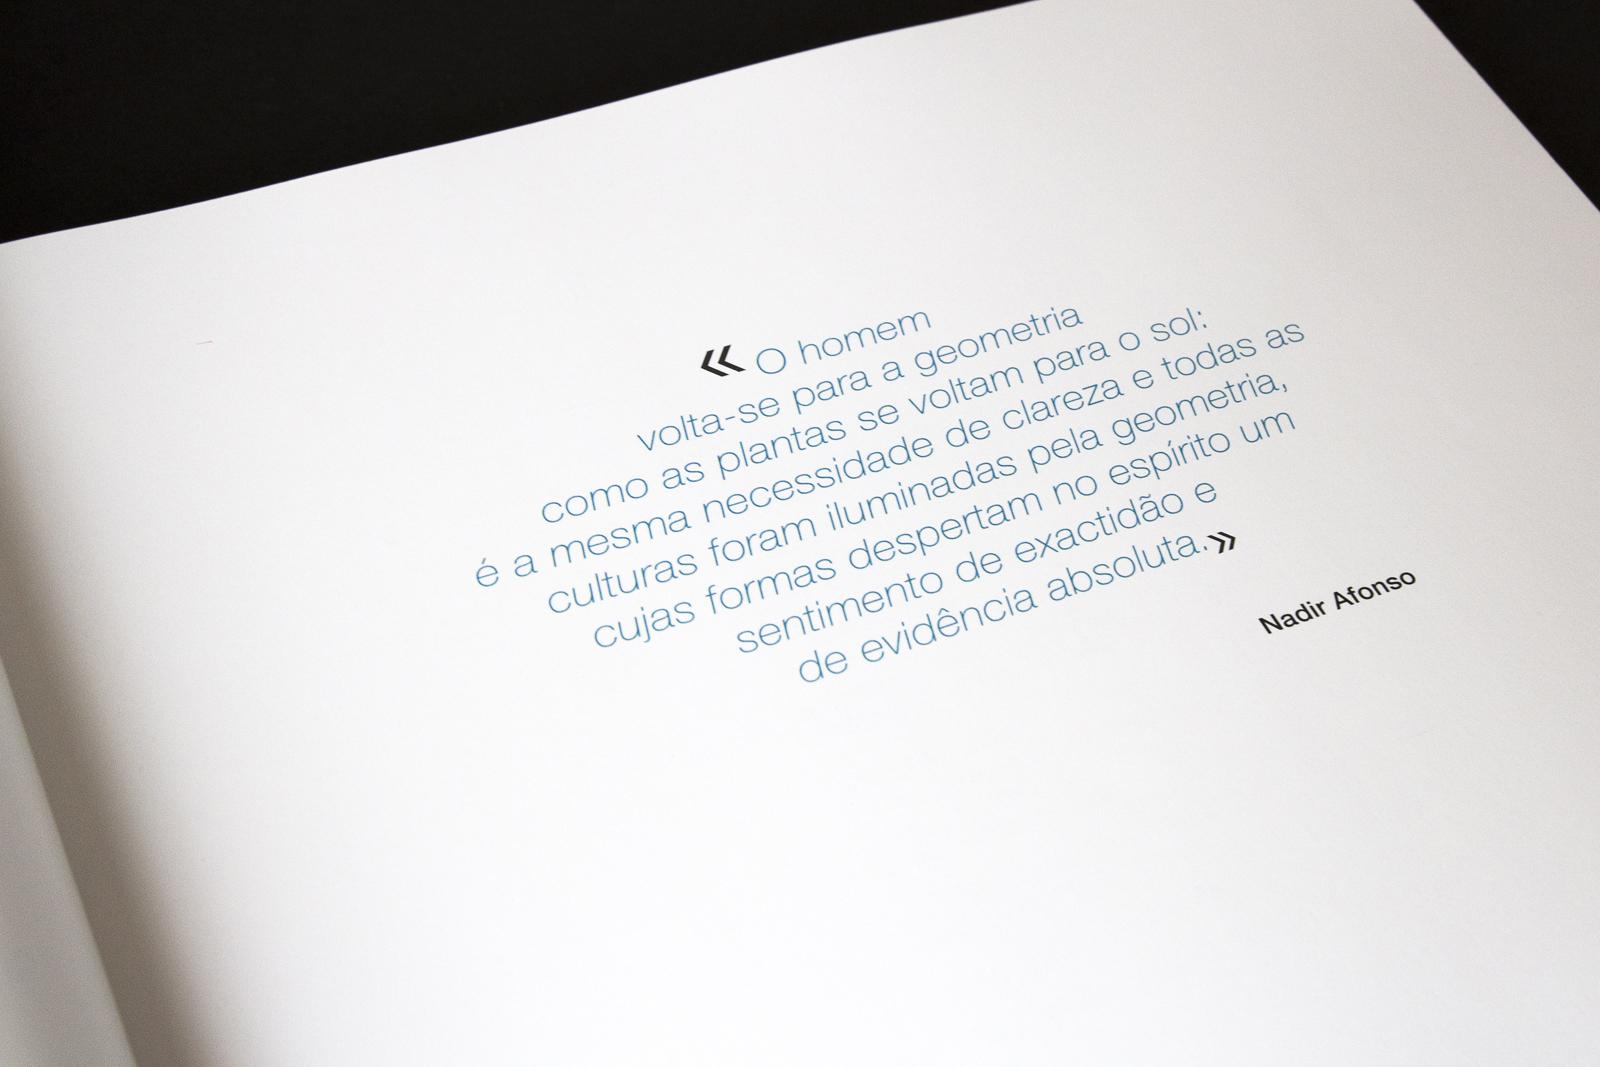 jloisbocos_publicacion_absoluto_004